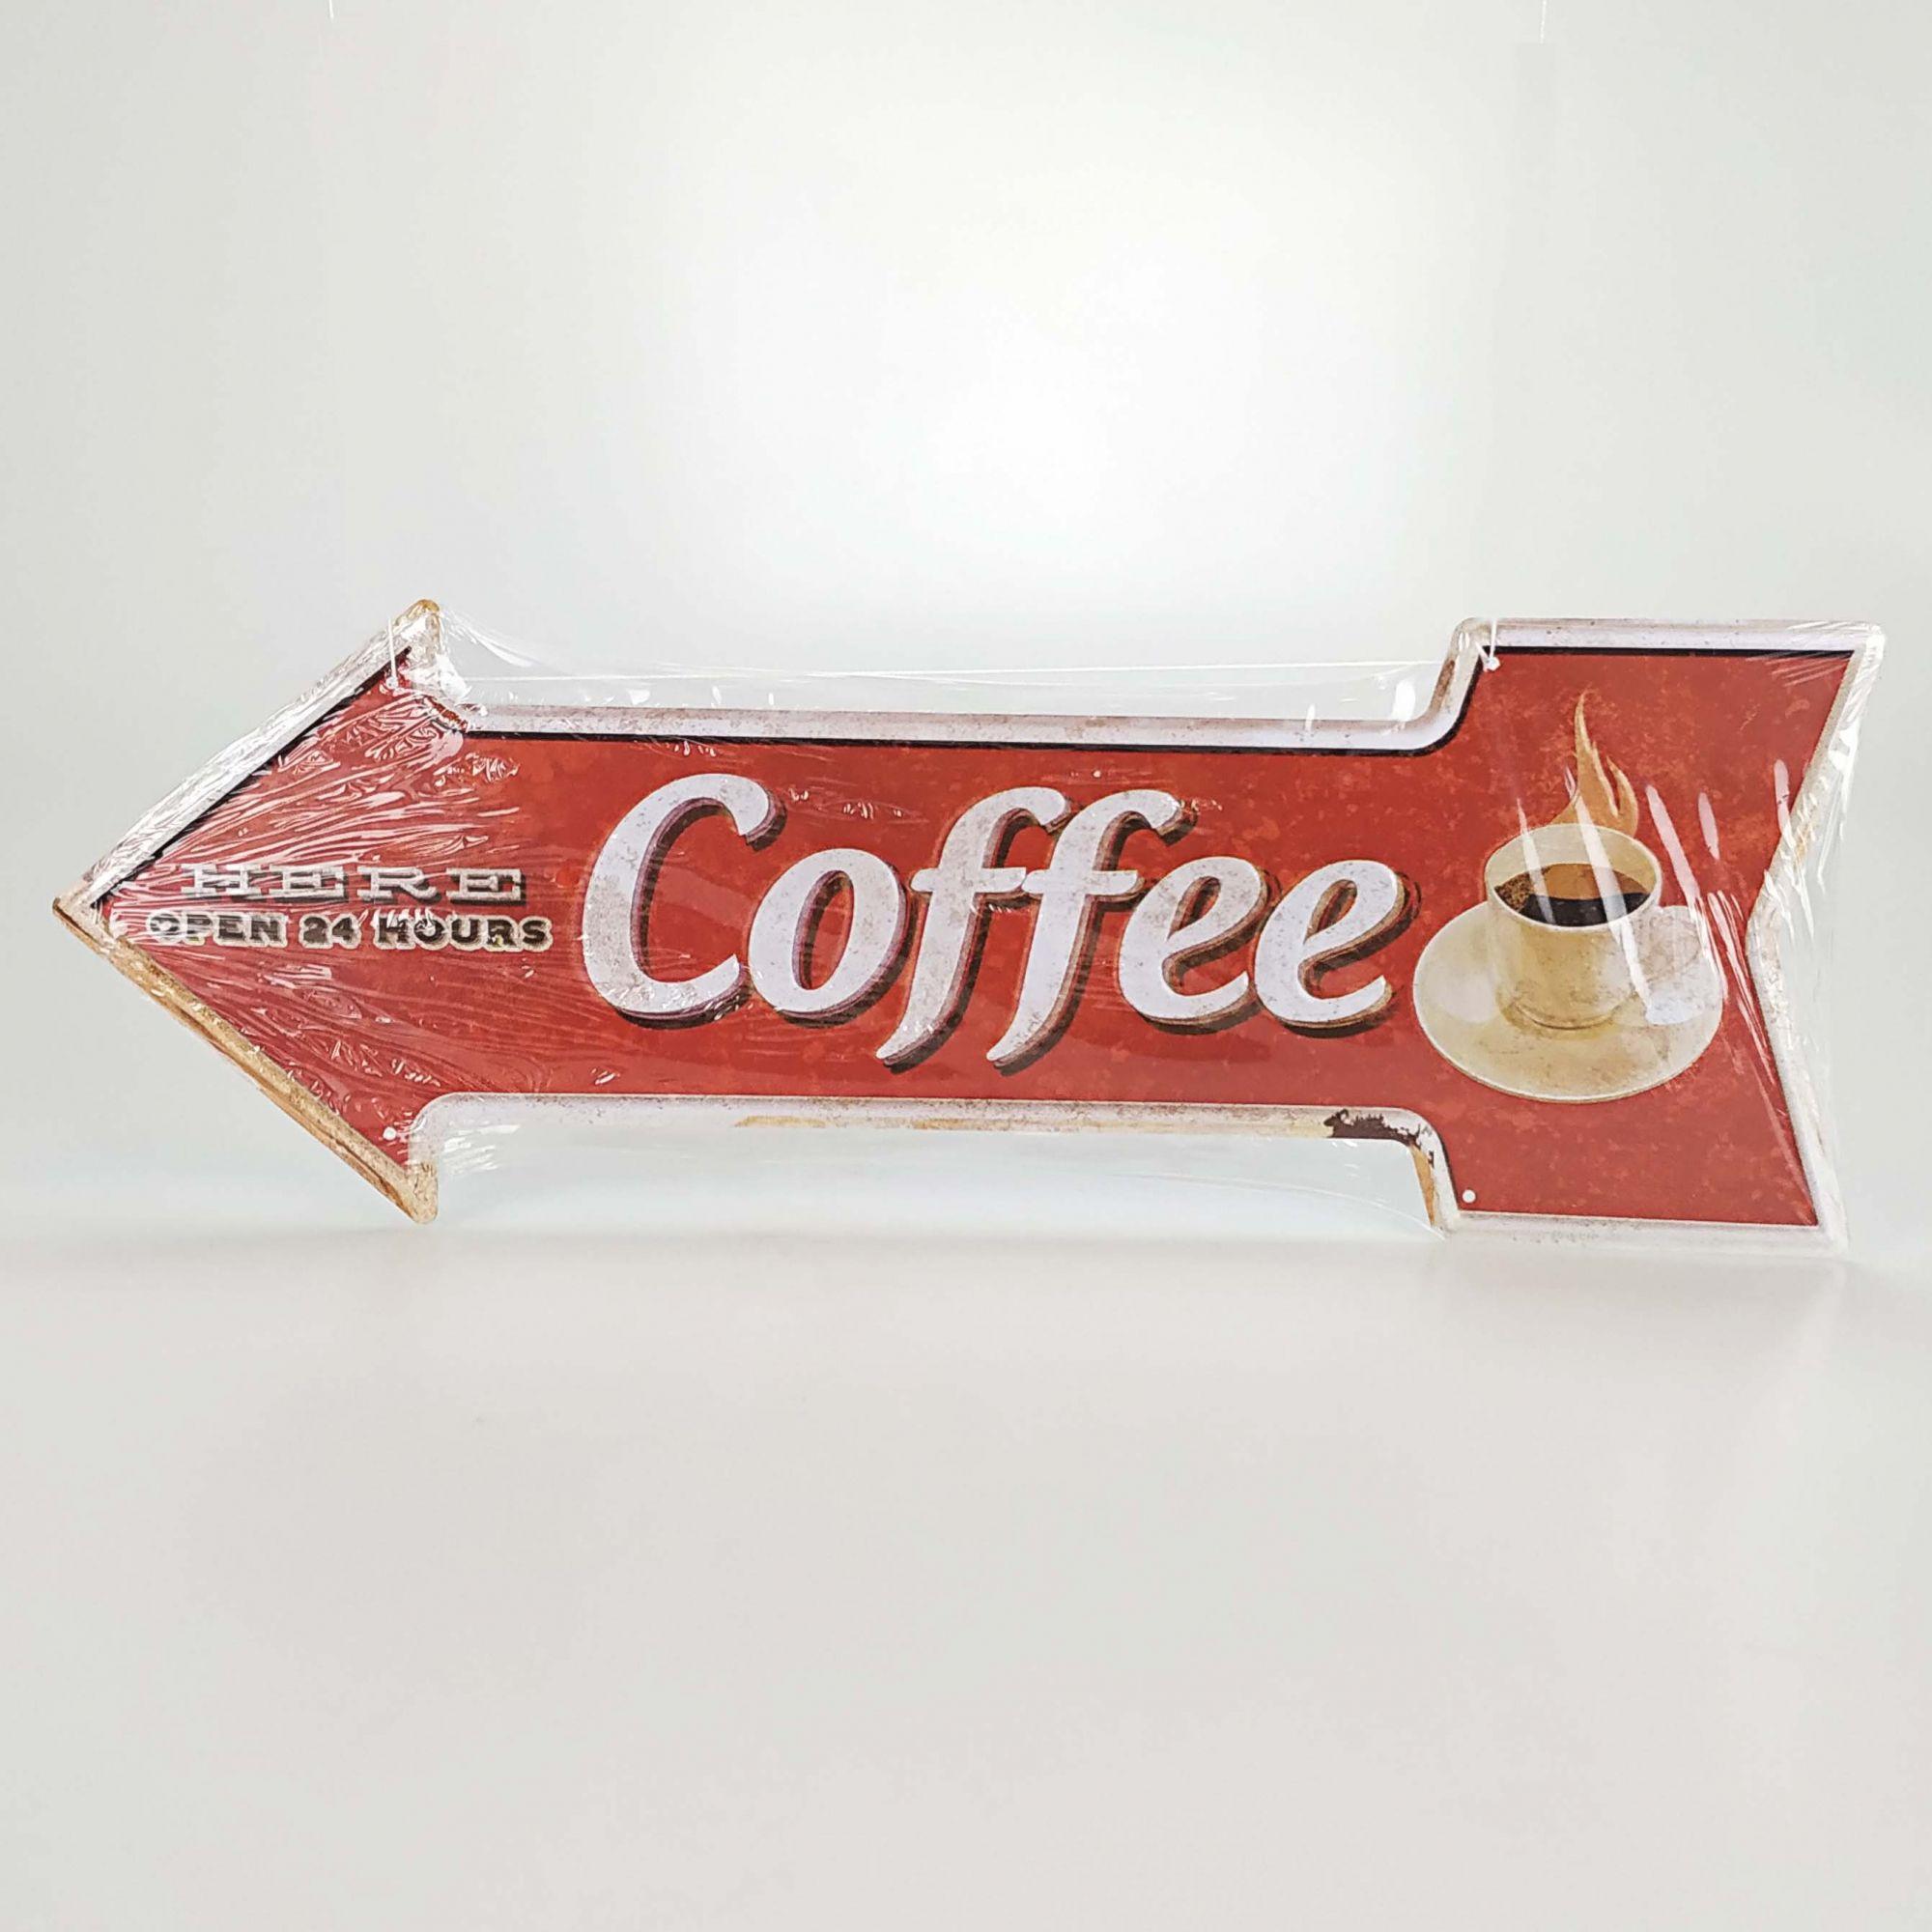 Placa 16 x 45 cm - Seta Esquerda COFFEE 3217